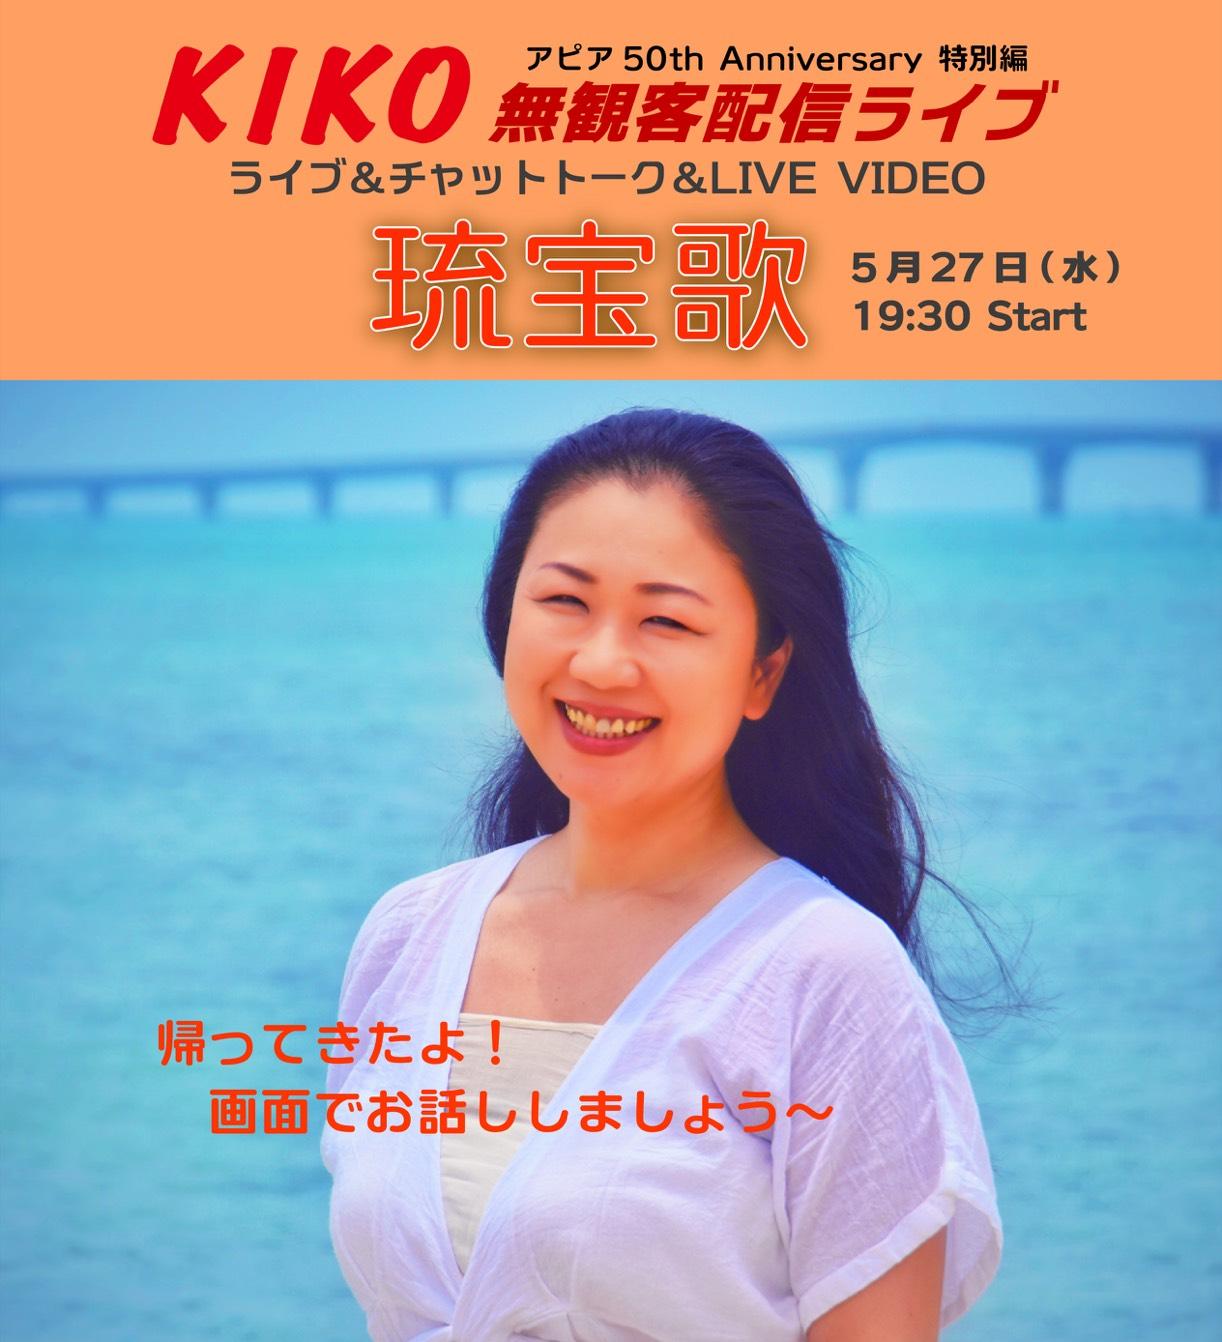 アピア 50th Anniversary 特別編 KIKO 無観客配信ライブ